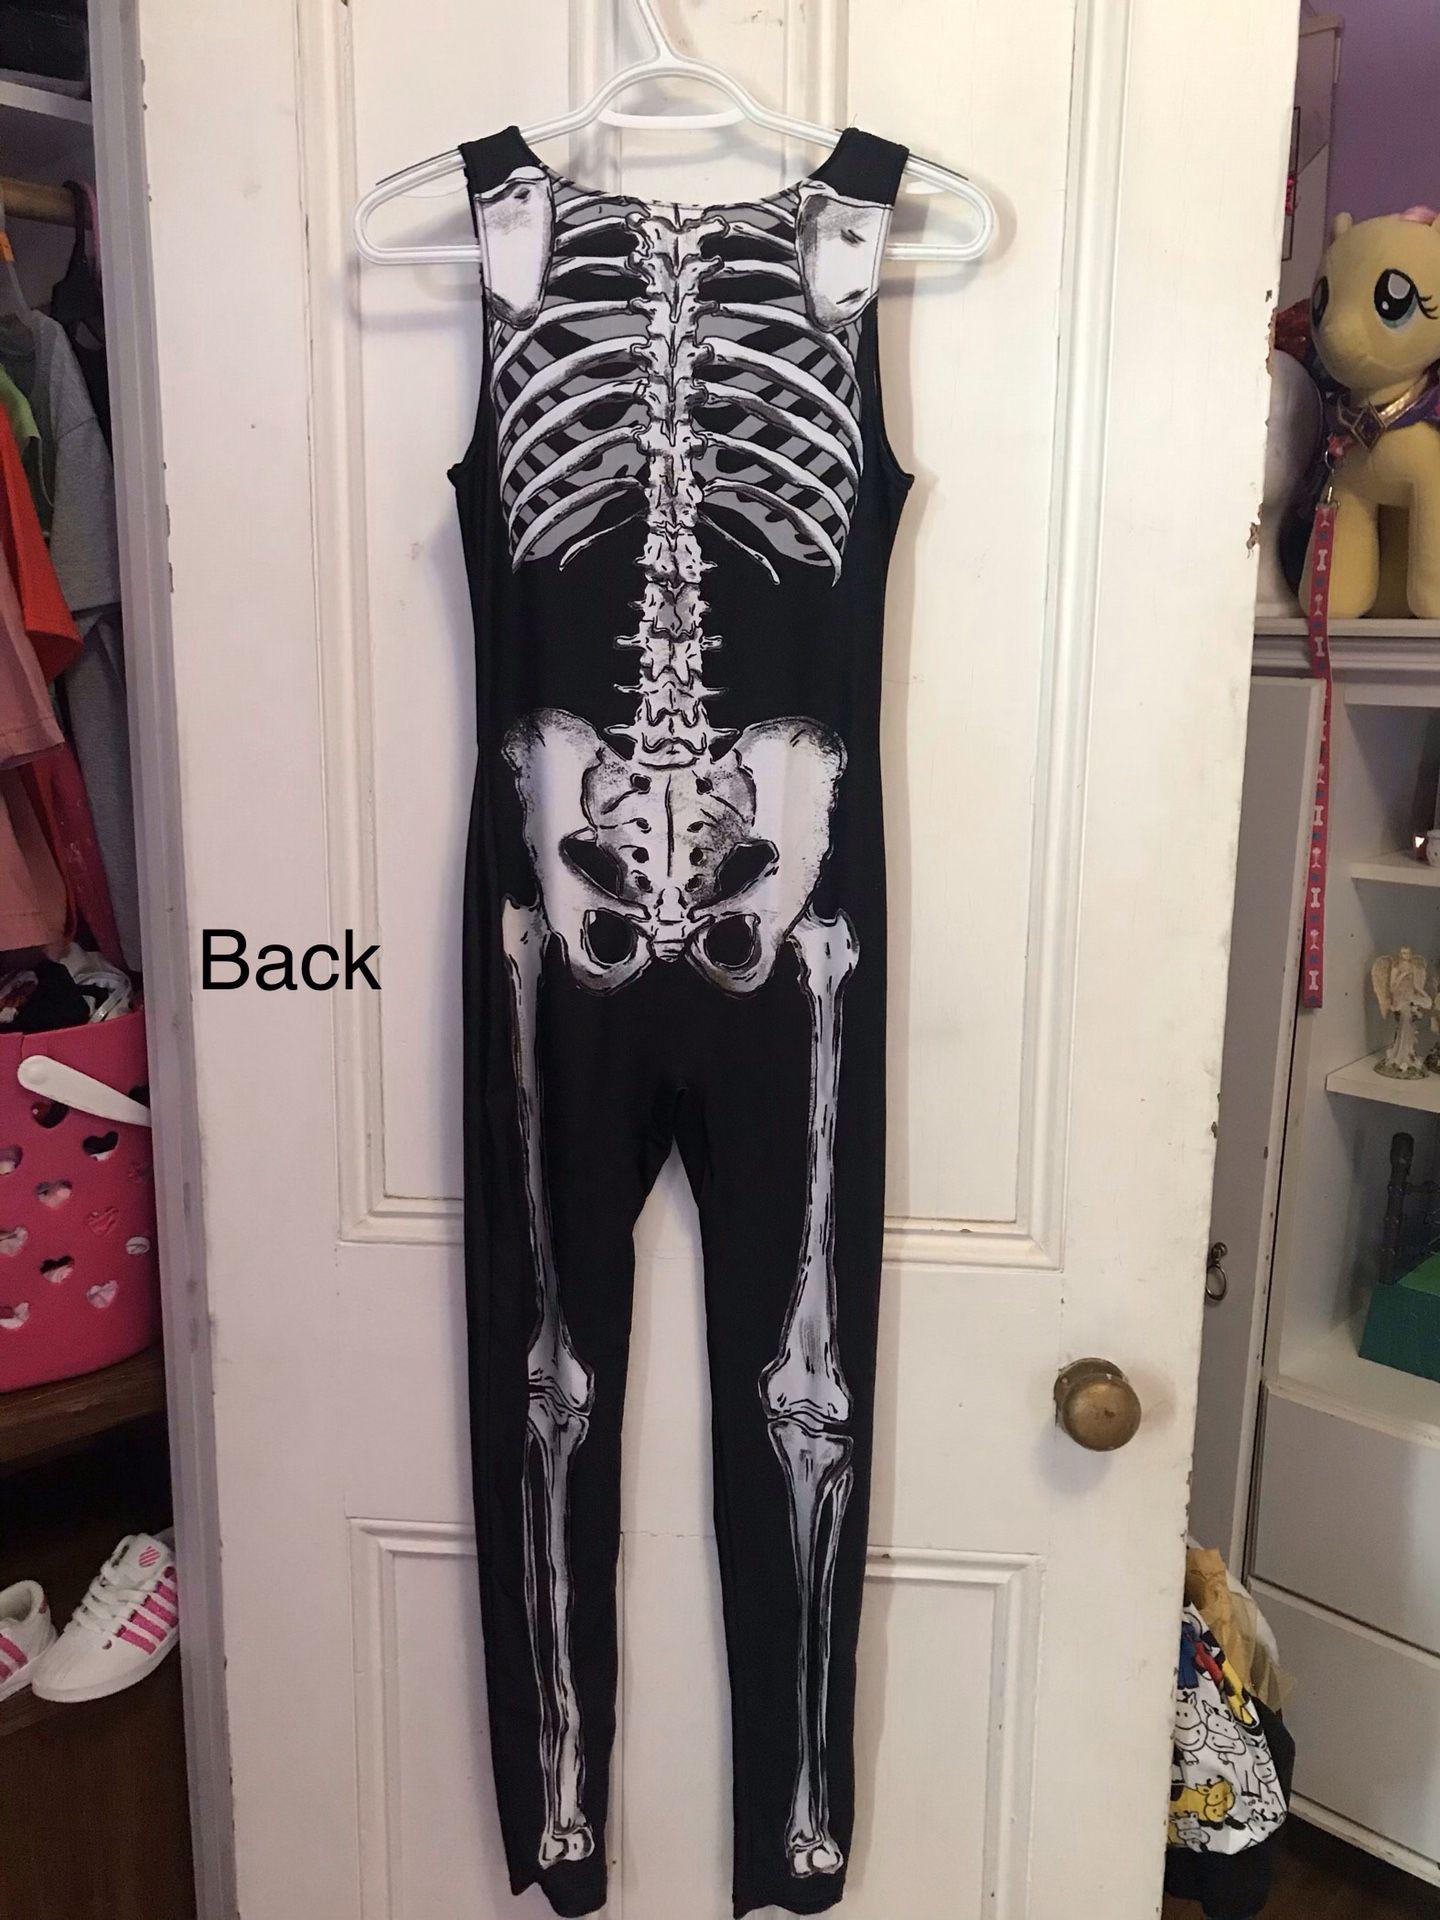 Spirit Halloween body suit women's